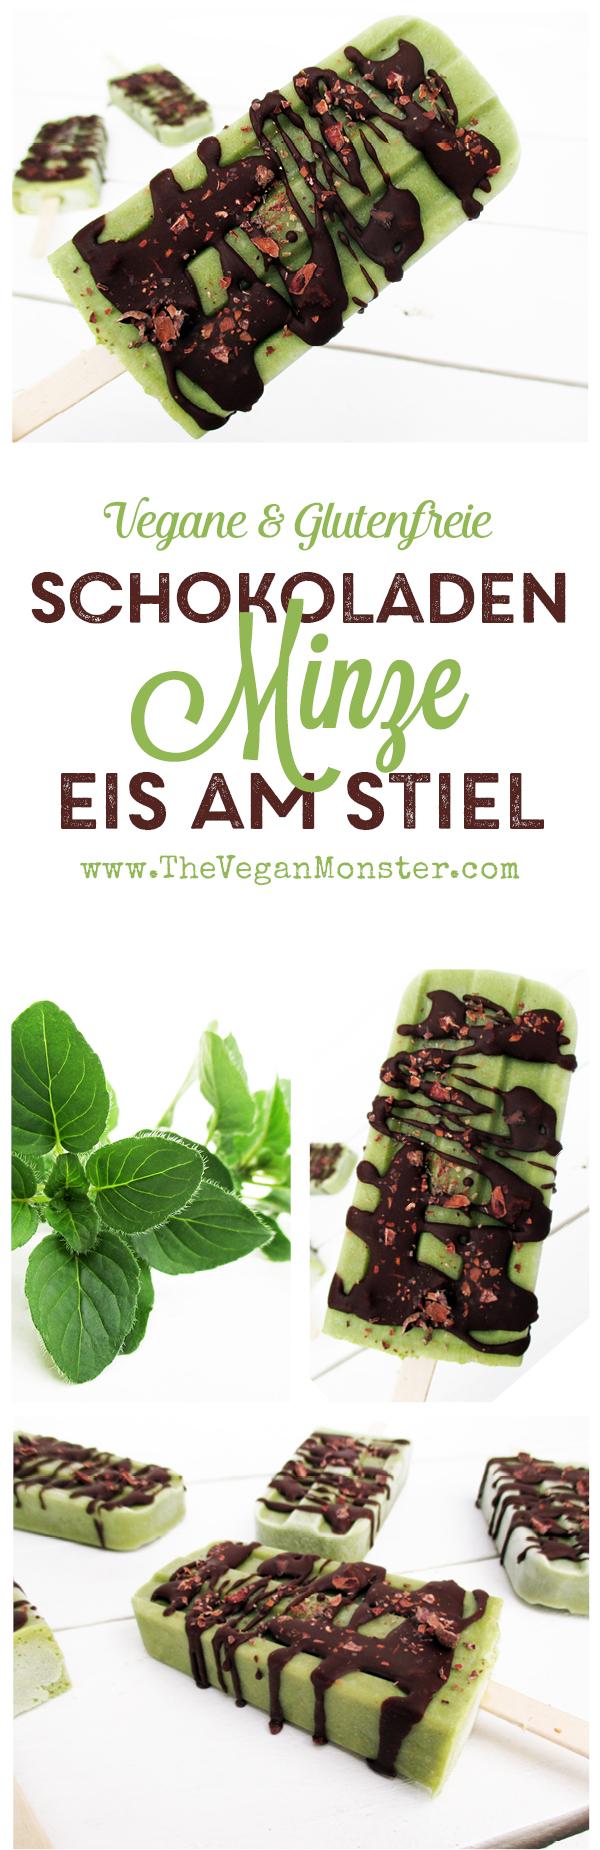 Vegane Glutenfreie Milchfreie Schokoladen Minze Eis am Stiel Rezept